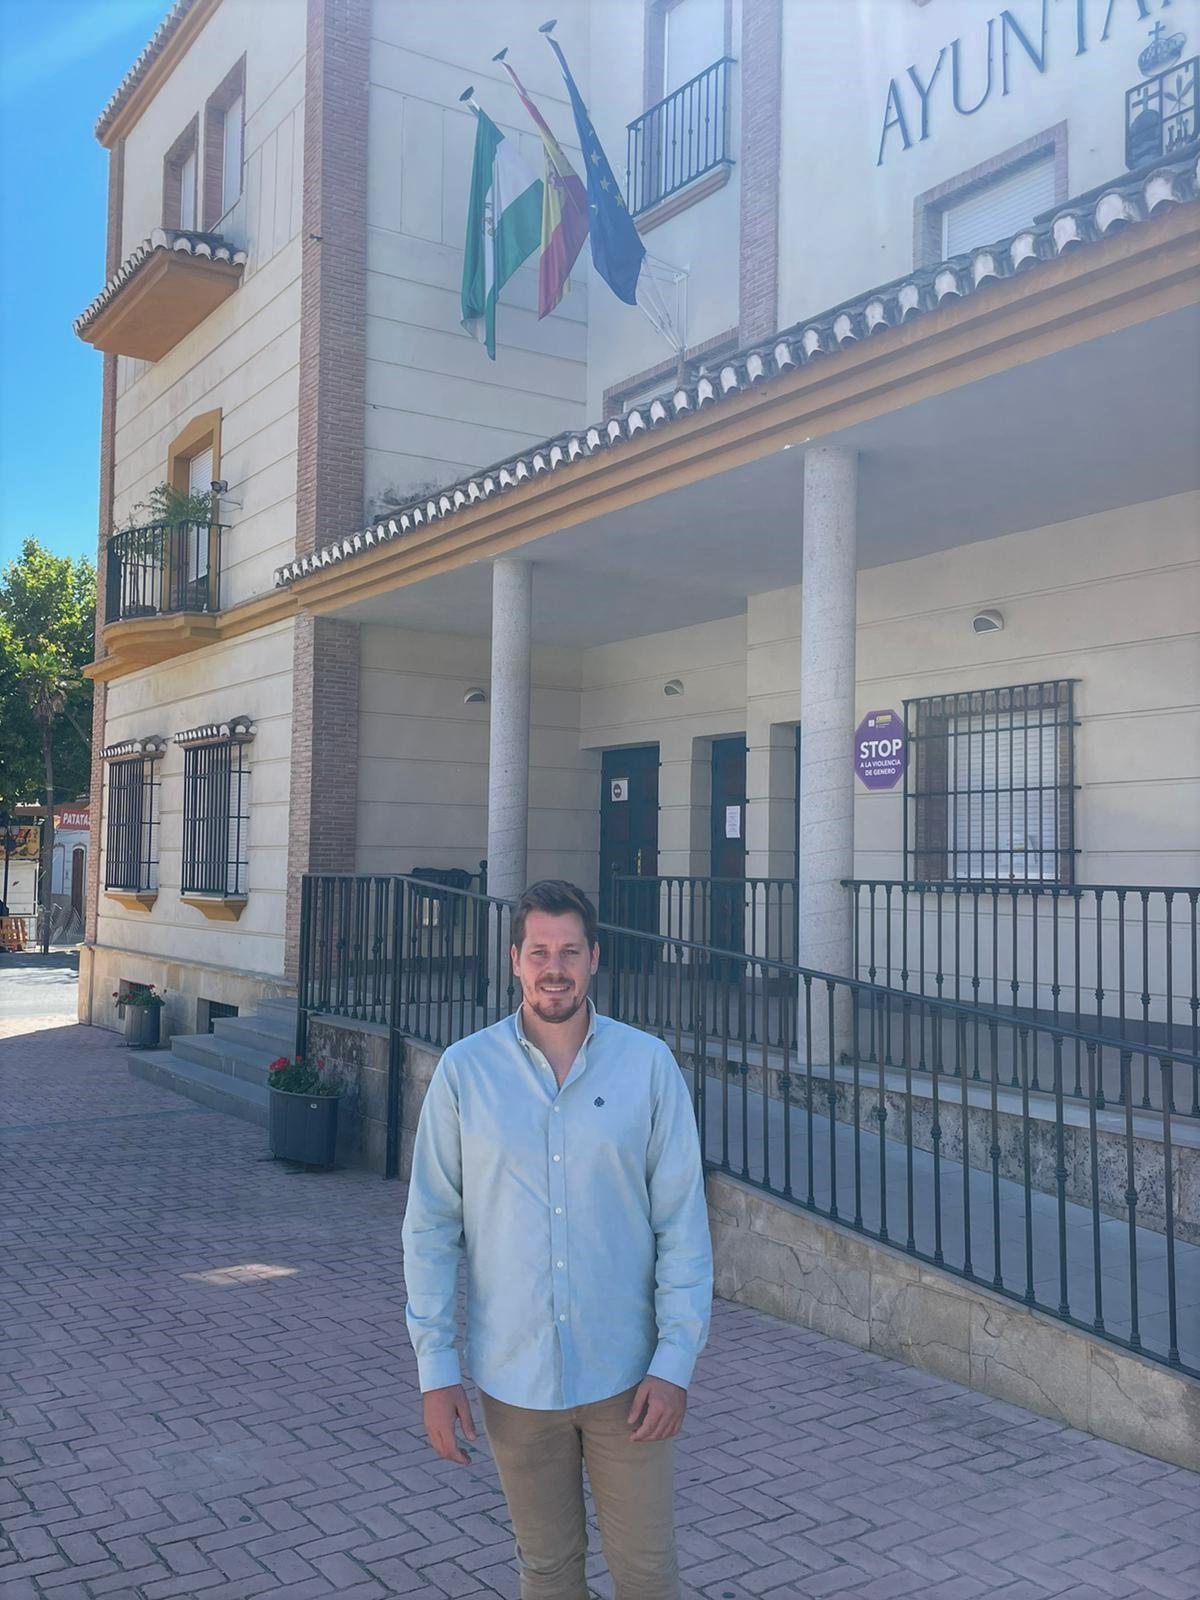 El PP de Padul reclama al alcalde que cubra las vacantes en la Policía Local y vele por la seguridad del municipio